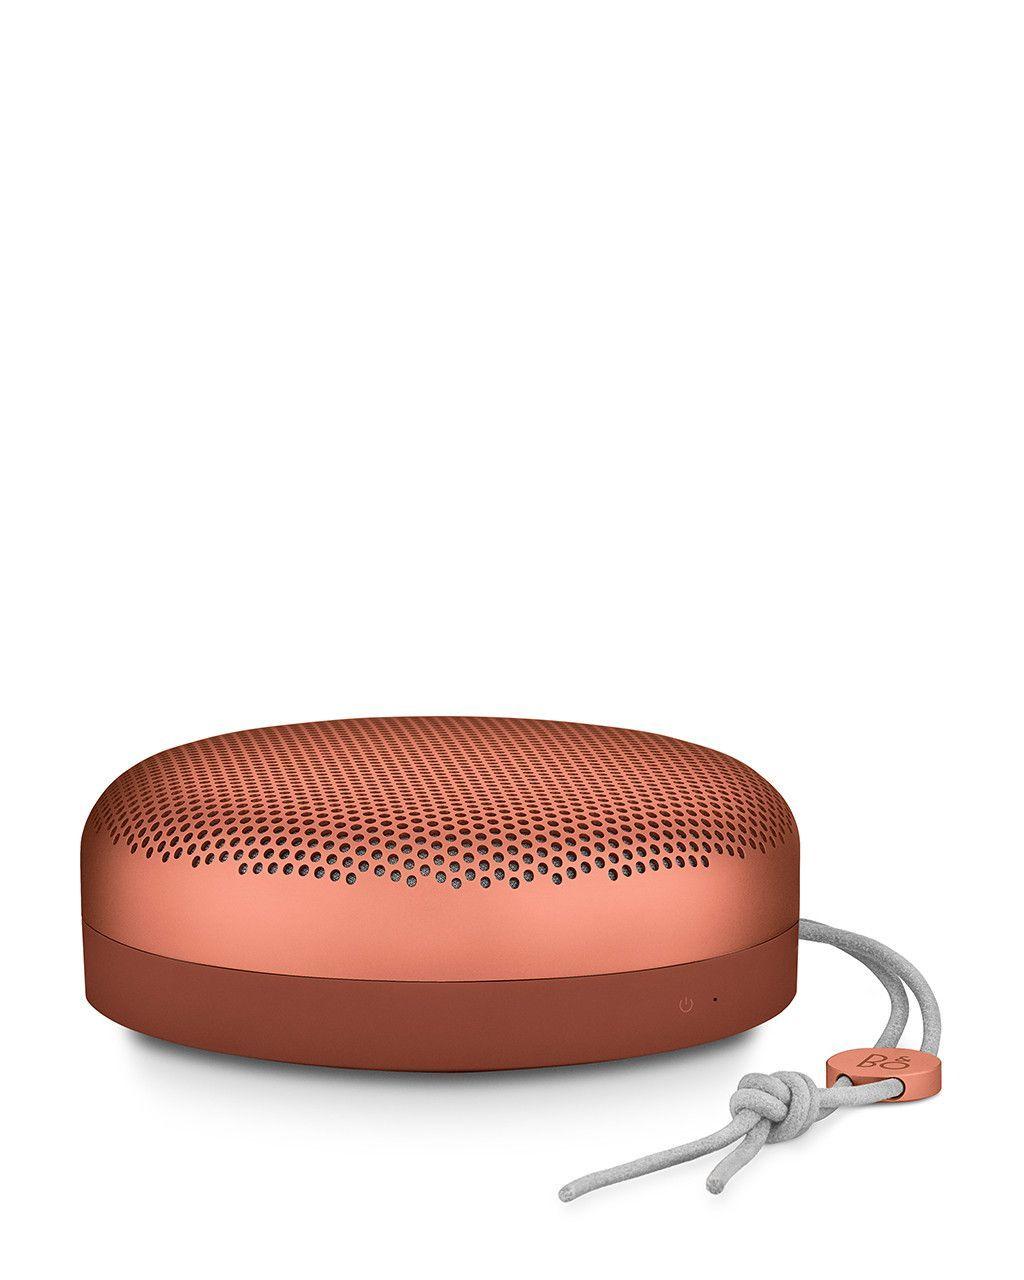 Bo play a1 bluetooth speaker wireless speakers